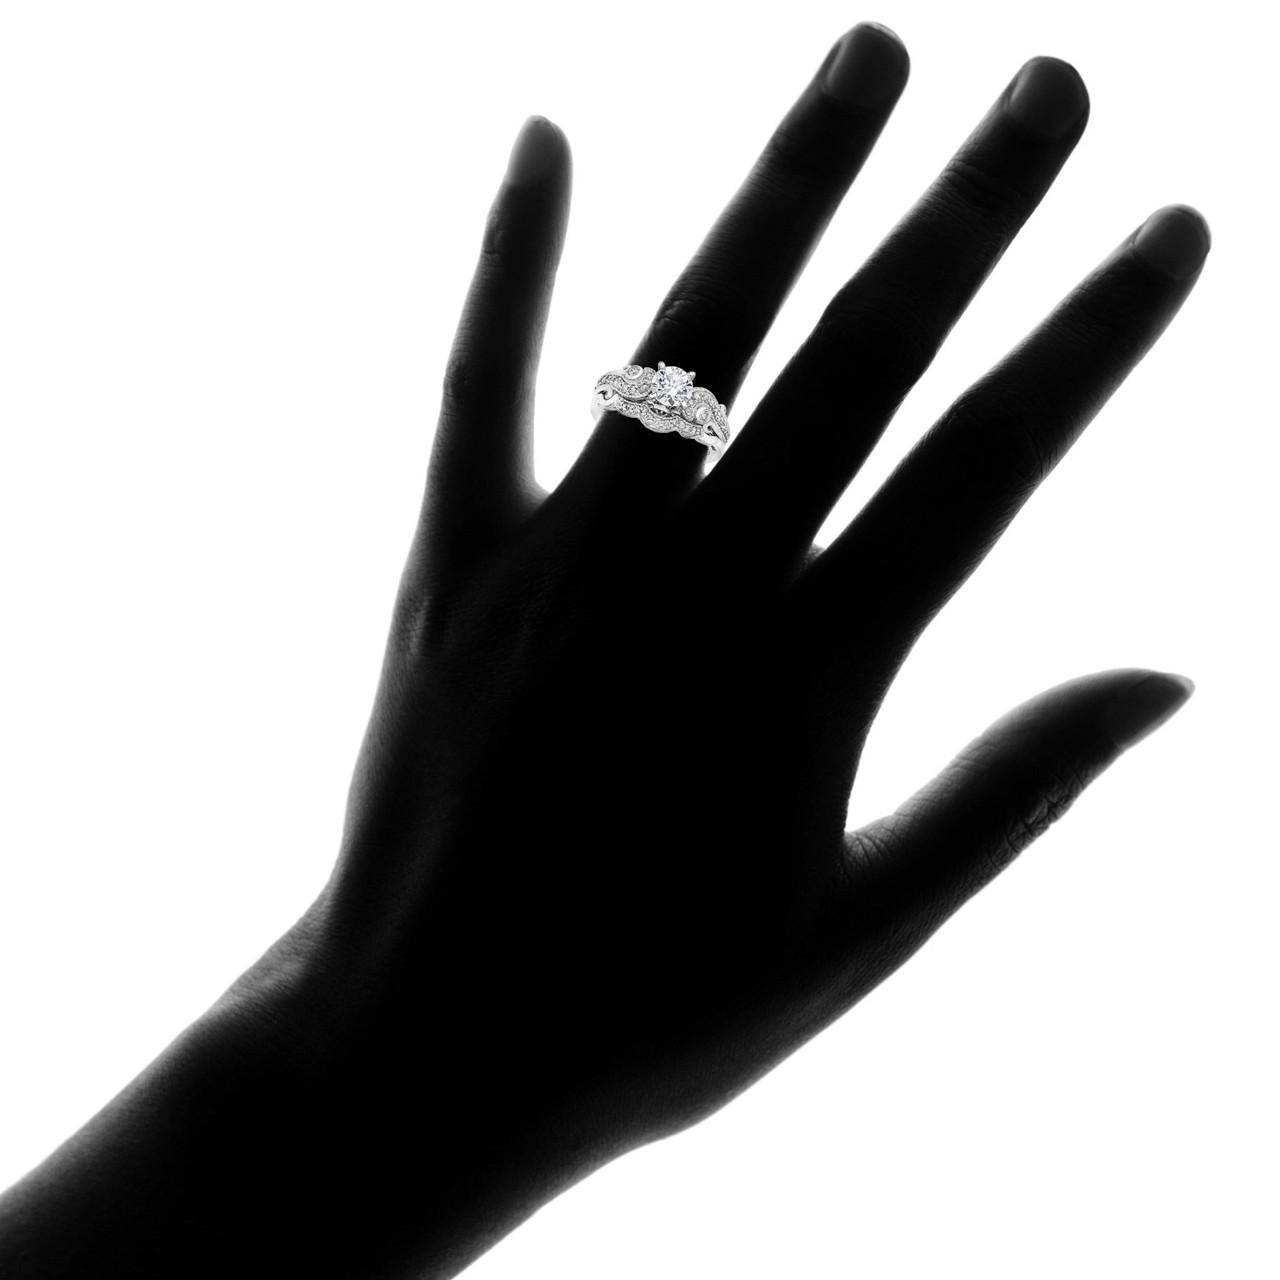 Emery 3 4ct Vintage Diamond Engagement Wedding Ring Set 14k White Gold H I I1